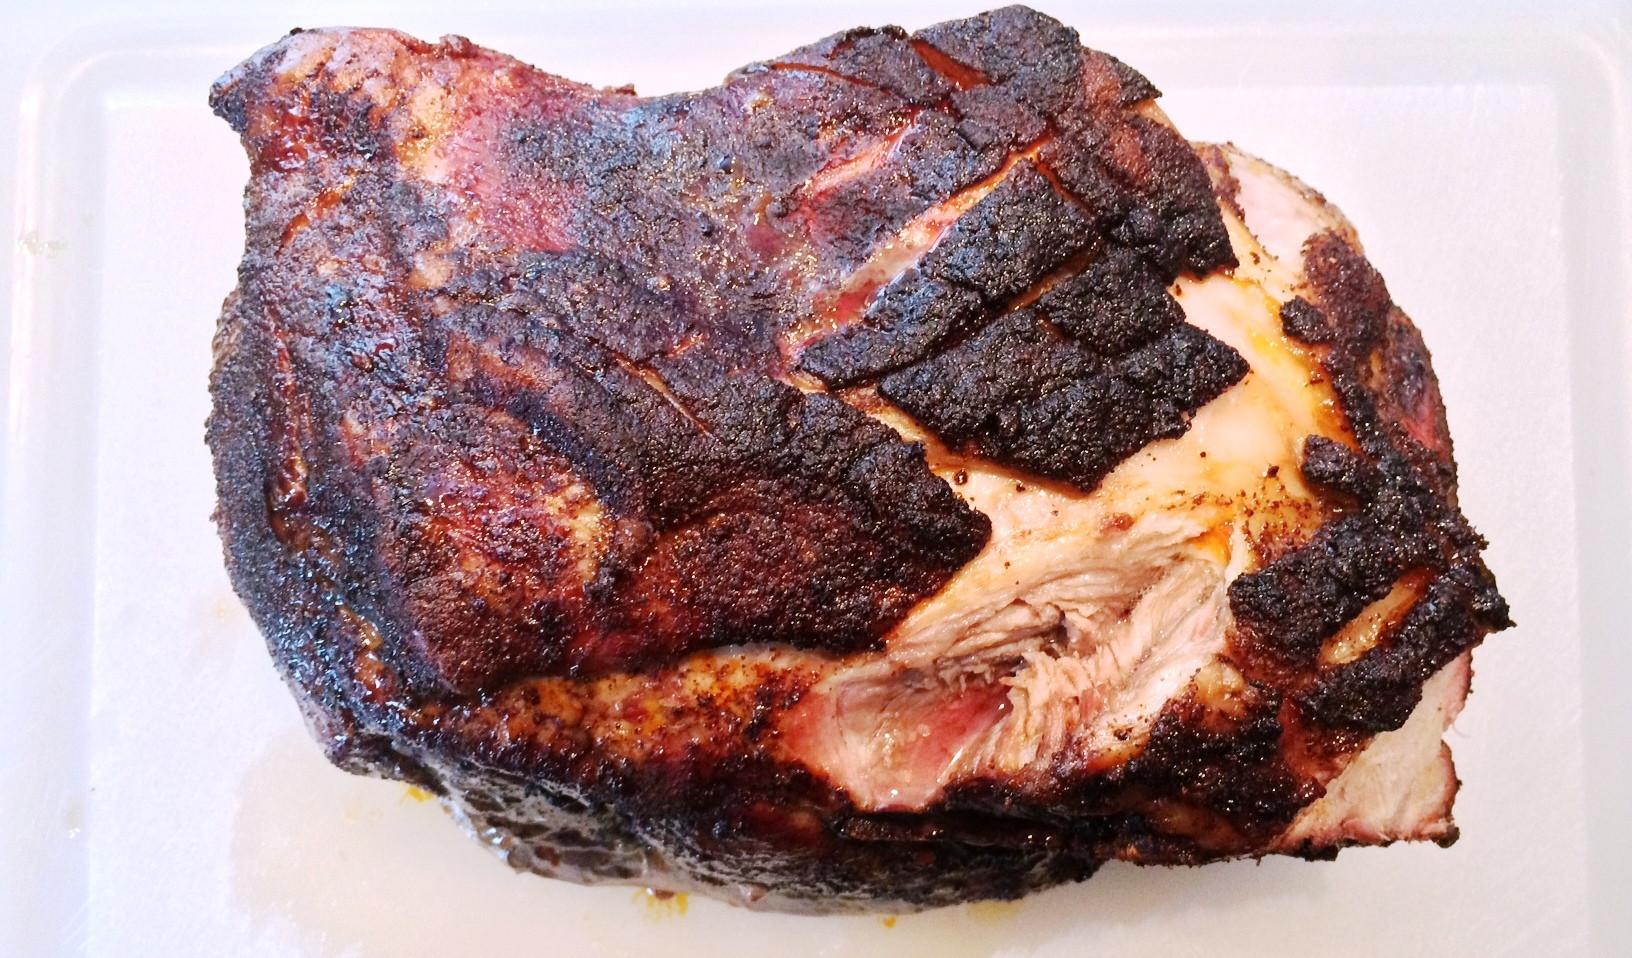 Pork Shoulder Roast In Oven  Oven Roasted Pulled Pork with Coleslaw